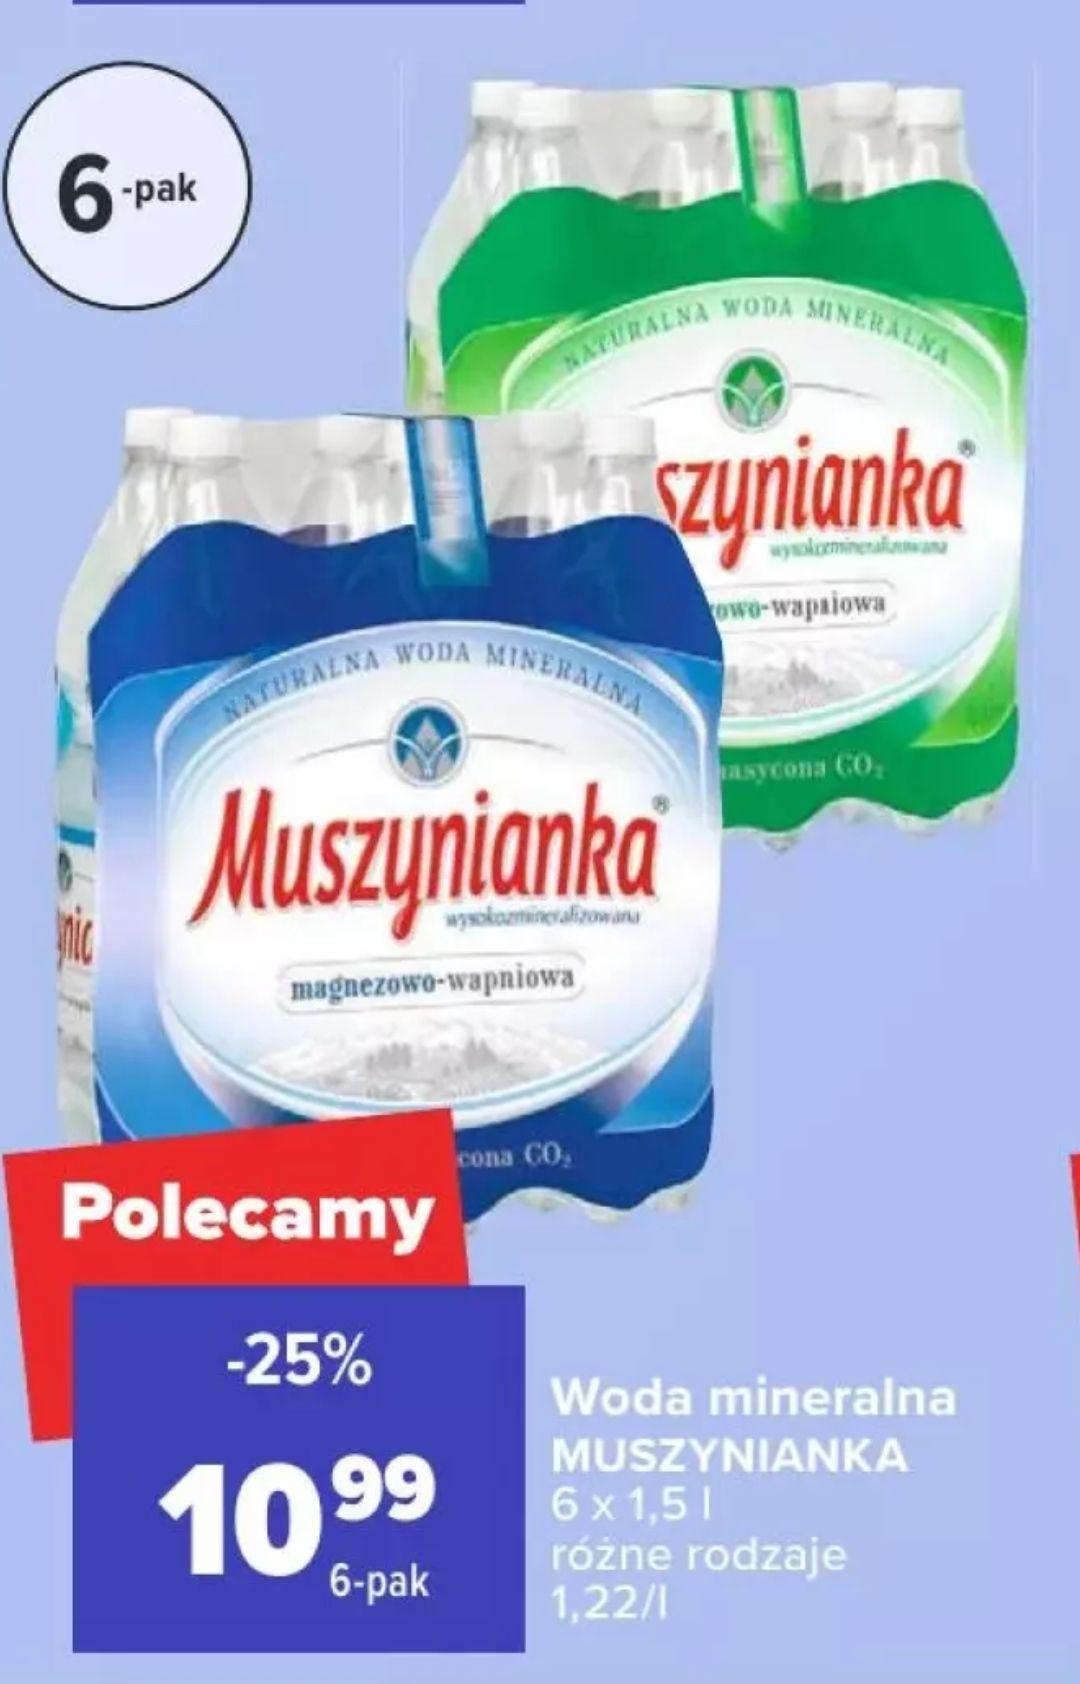 Woda mineralna Muszynianka 1,5l (przy zakupie 6-paku)